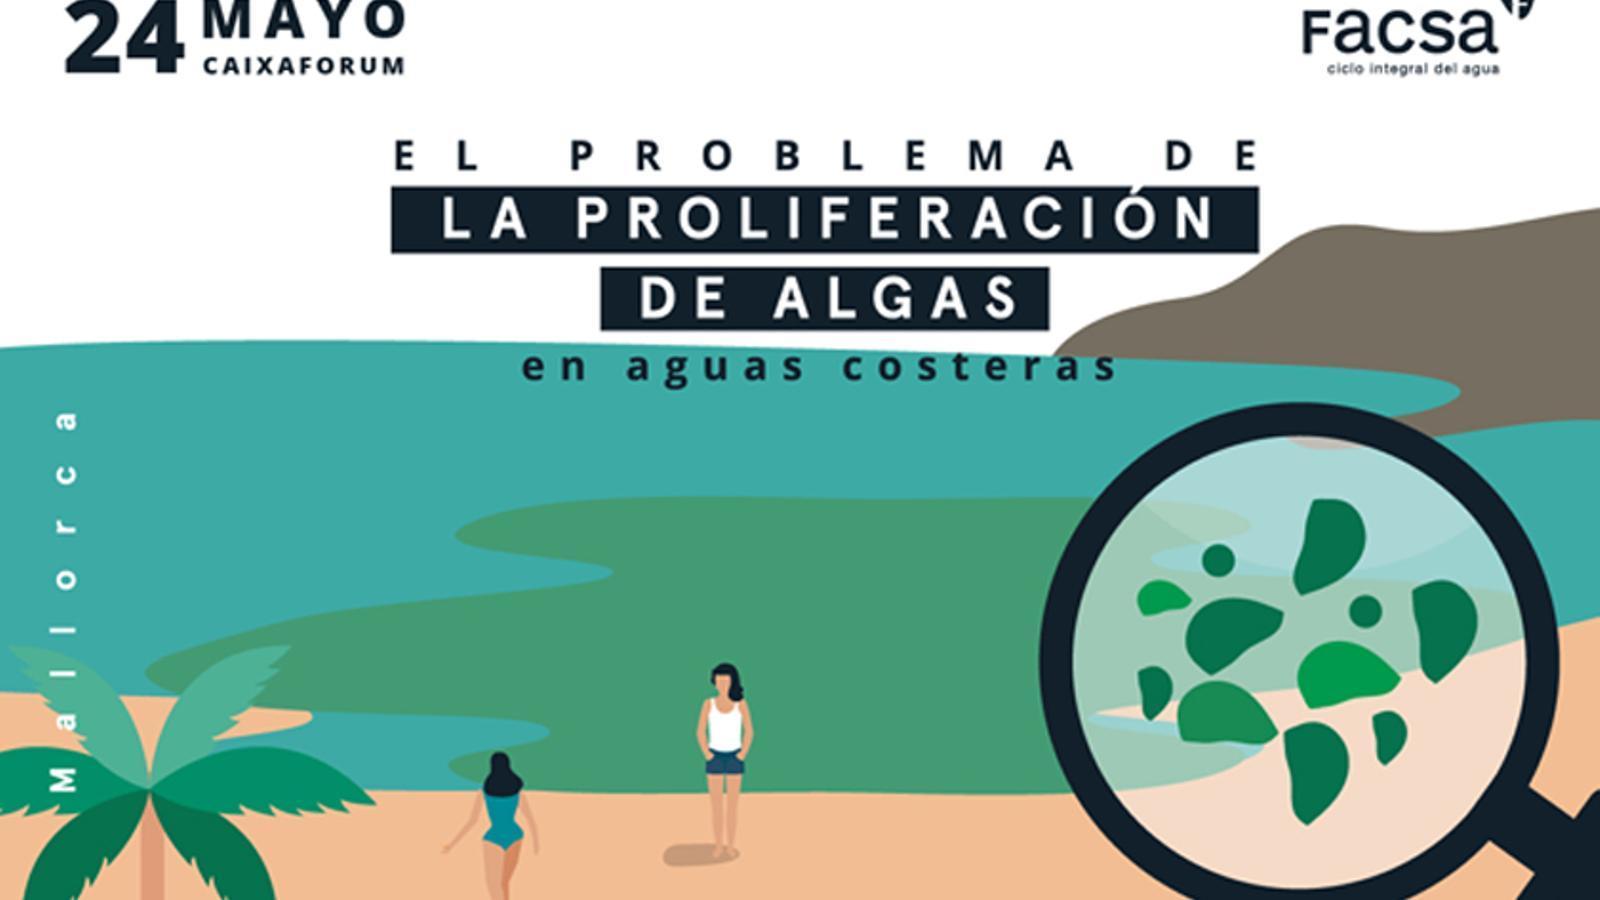 El problema de la proliferació d'algues en aigües costaneres